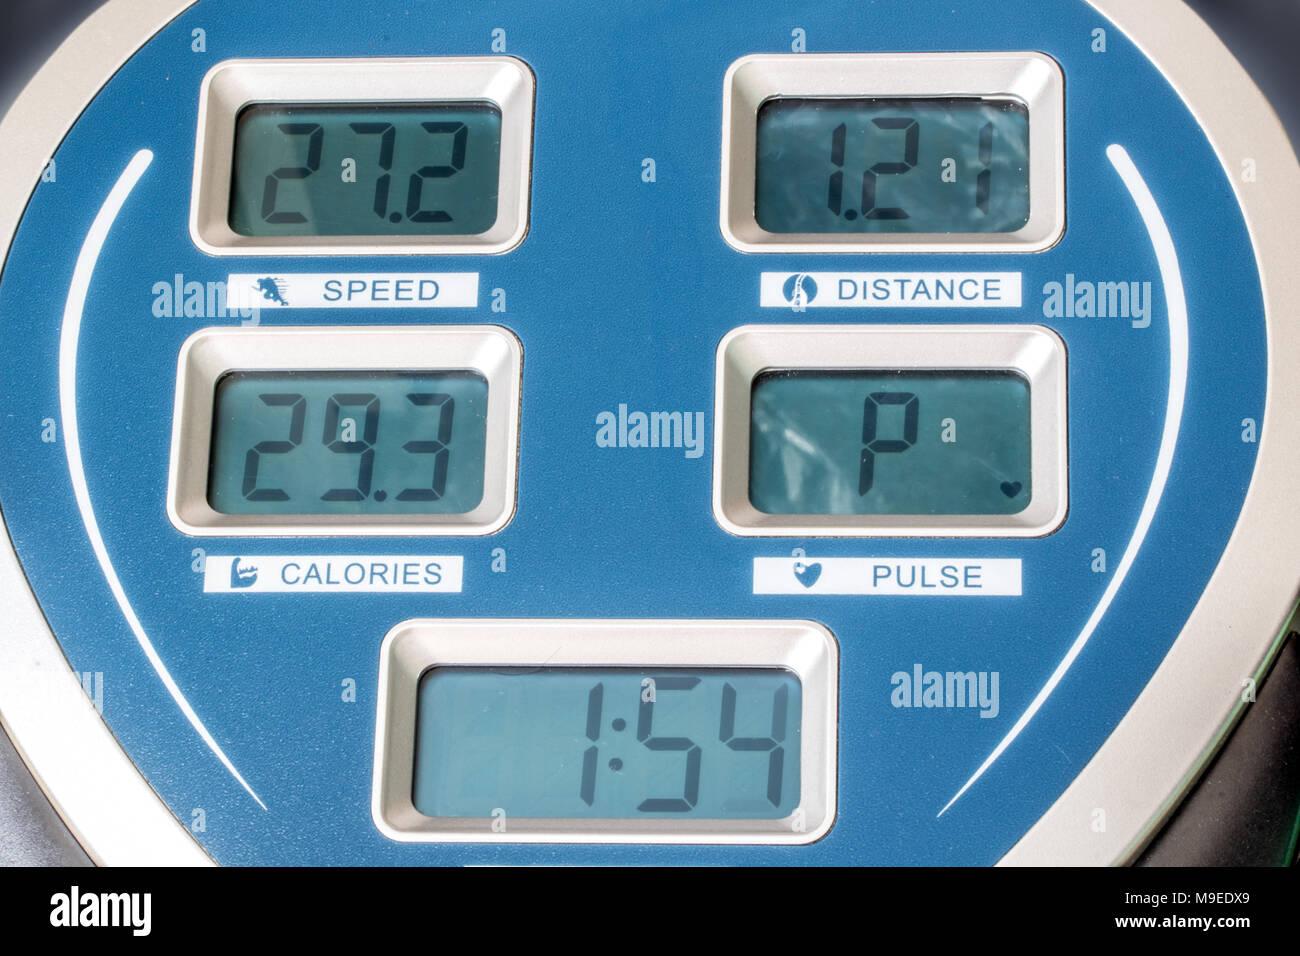 Le panneau d'affichage sur la machine d'exercice. L'écran affiche vitesse, temps, distance et calories brûlées sur la machine de formation. Photo Stock